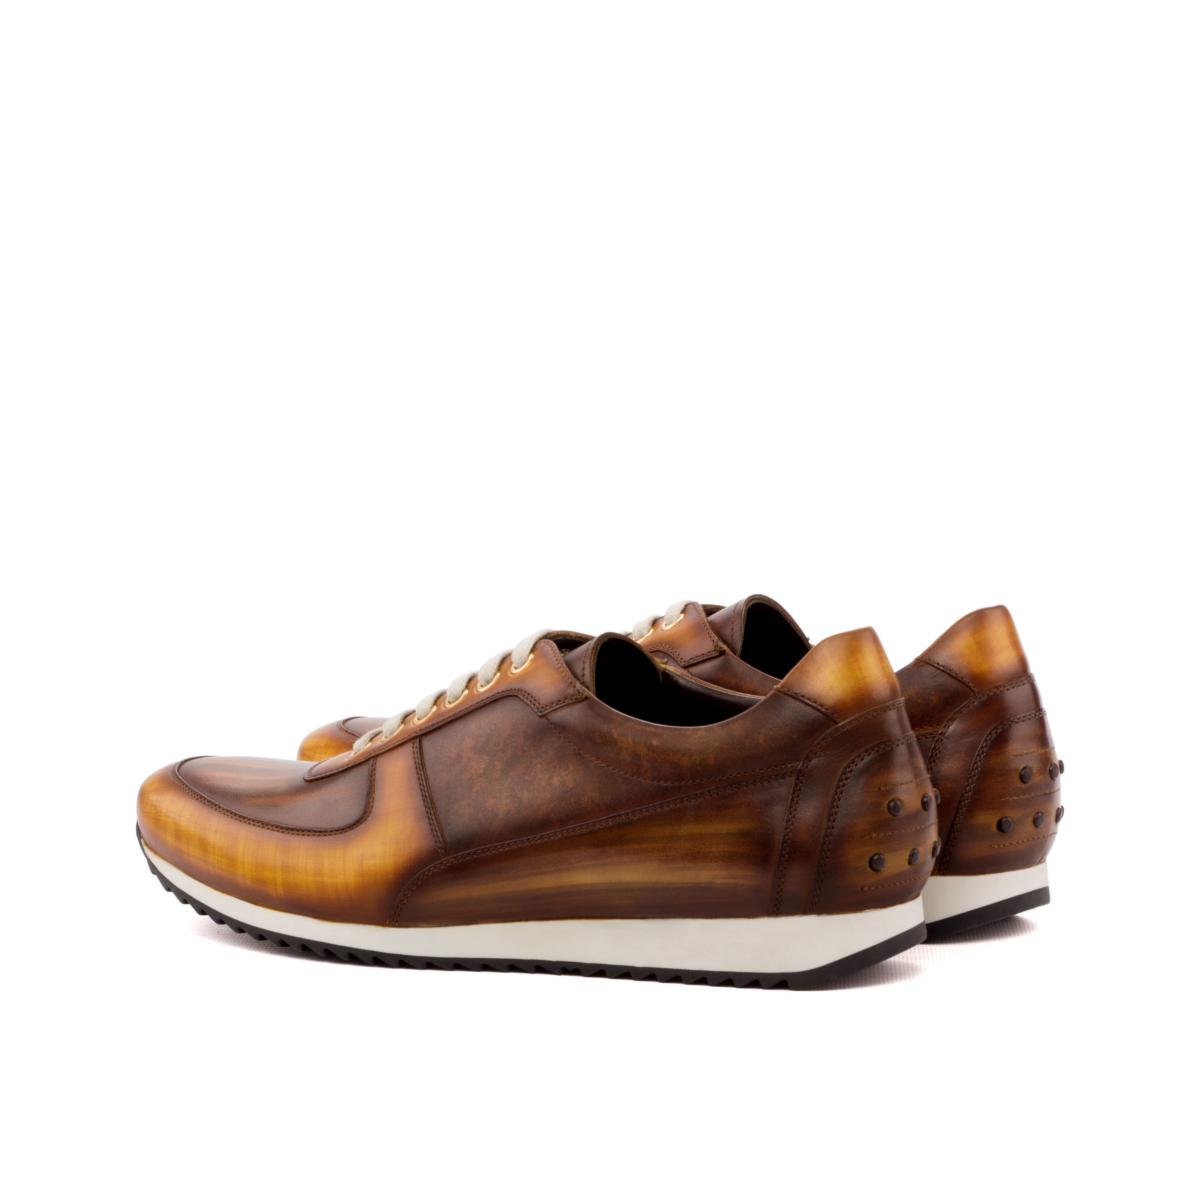 Zapatilla urbana LEO corsini patina cognac y marrón